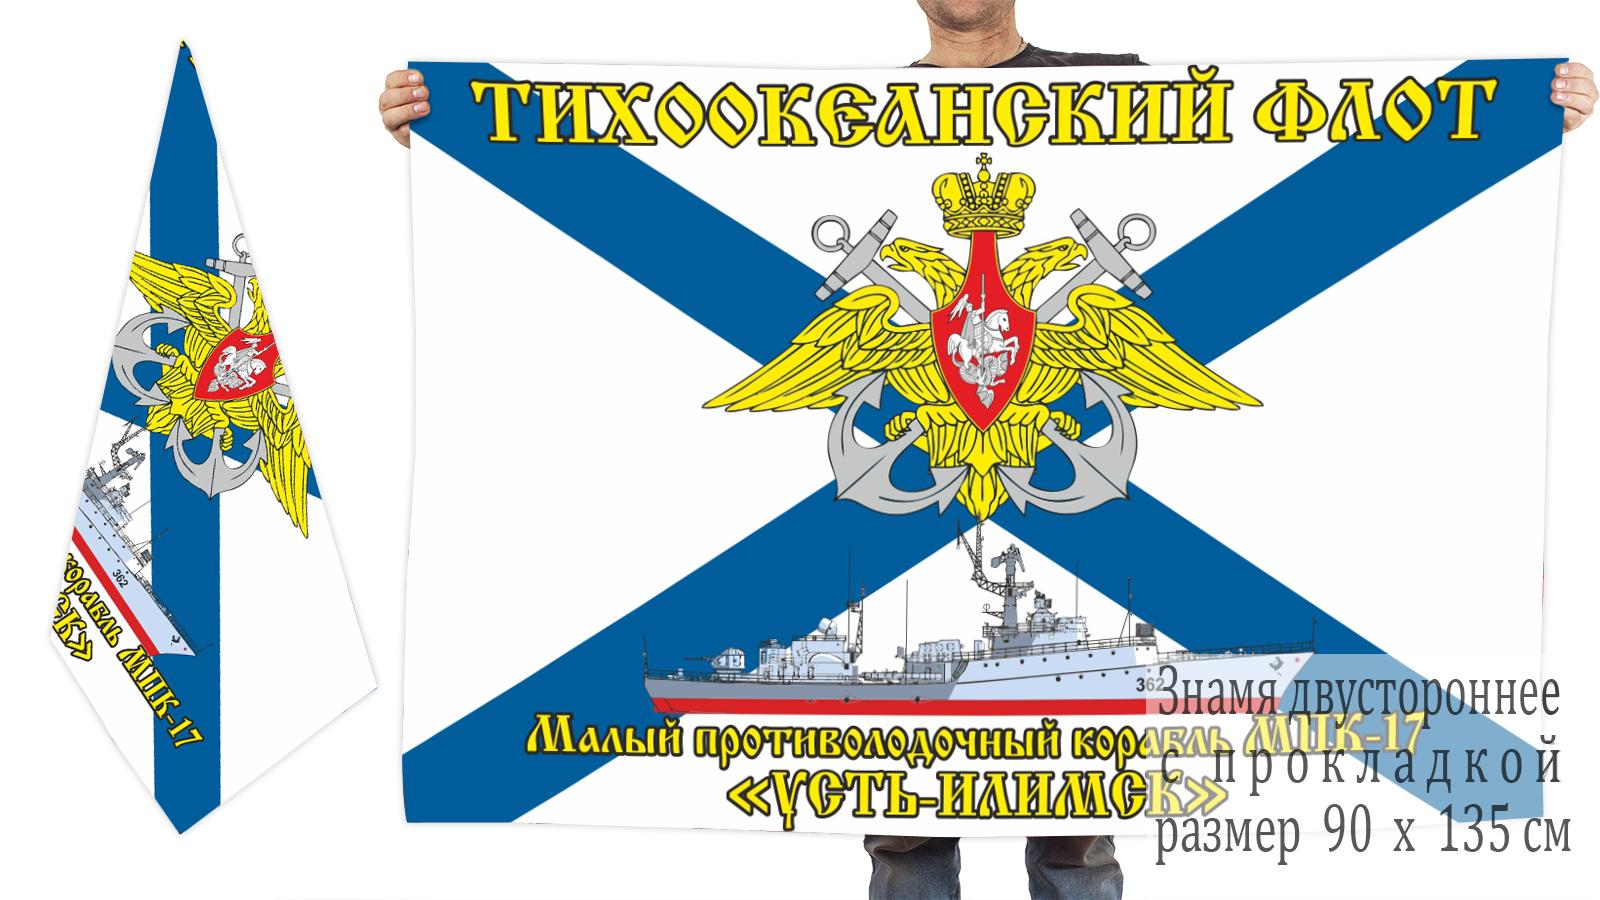 """Двусторонний флаг МПК-17 """"Усть-Илимск"""""""